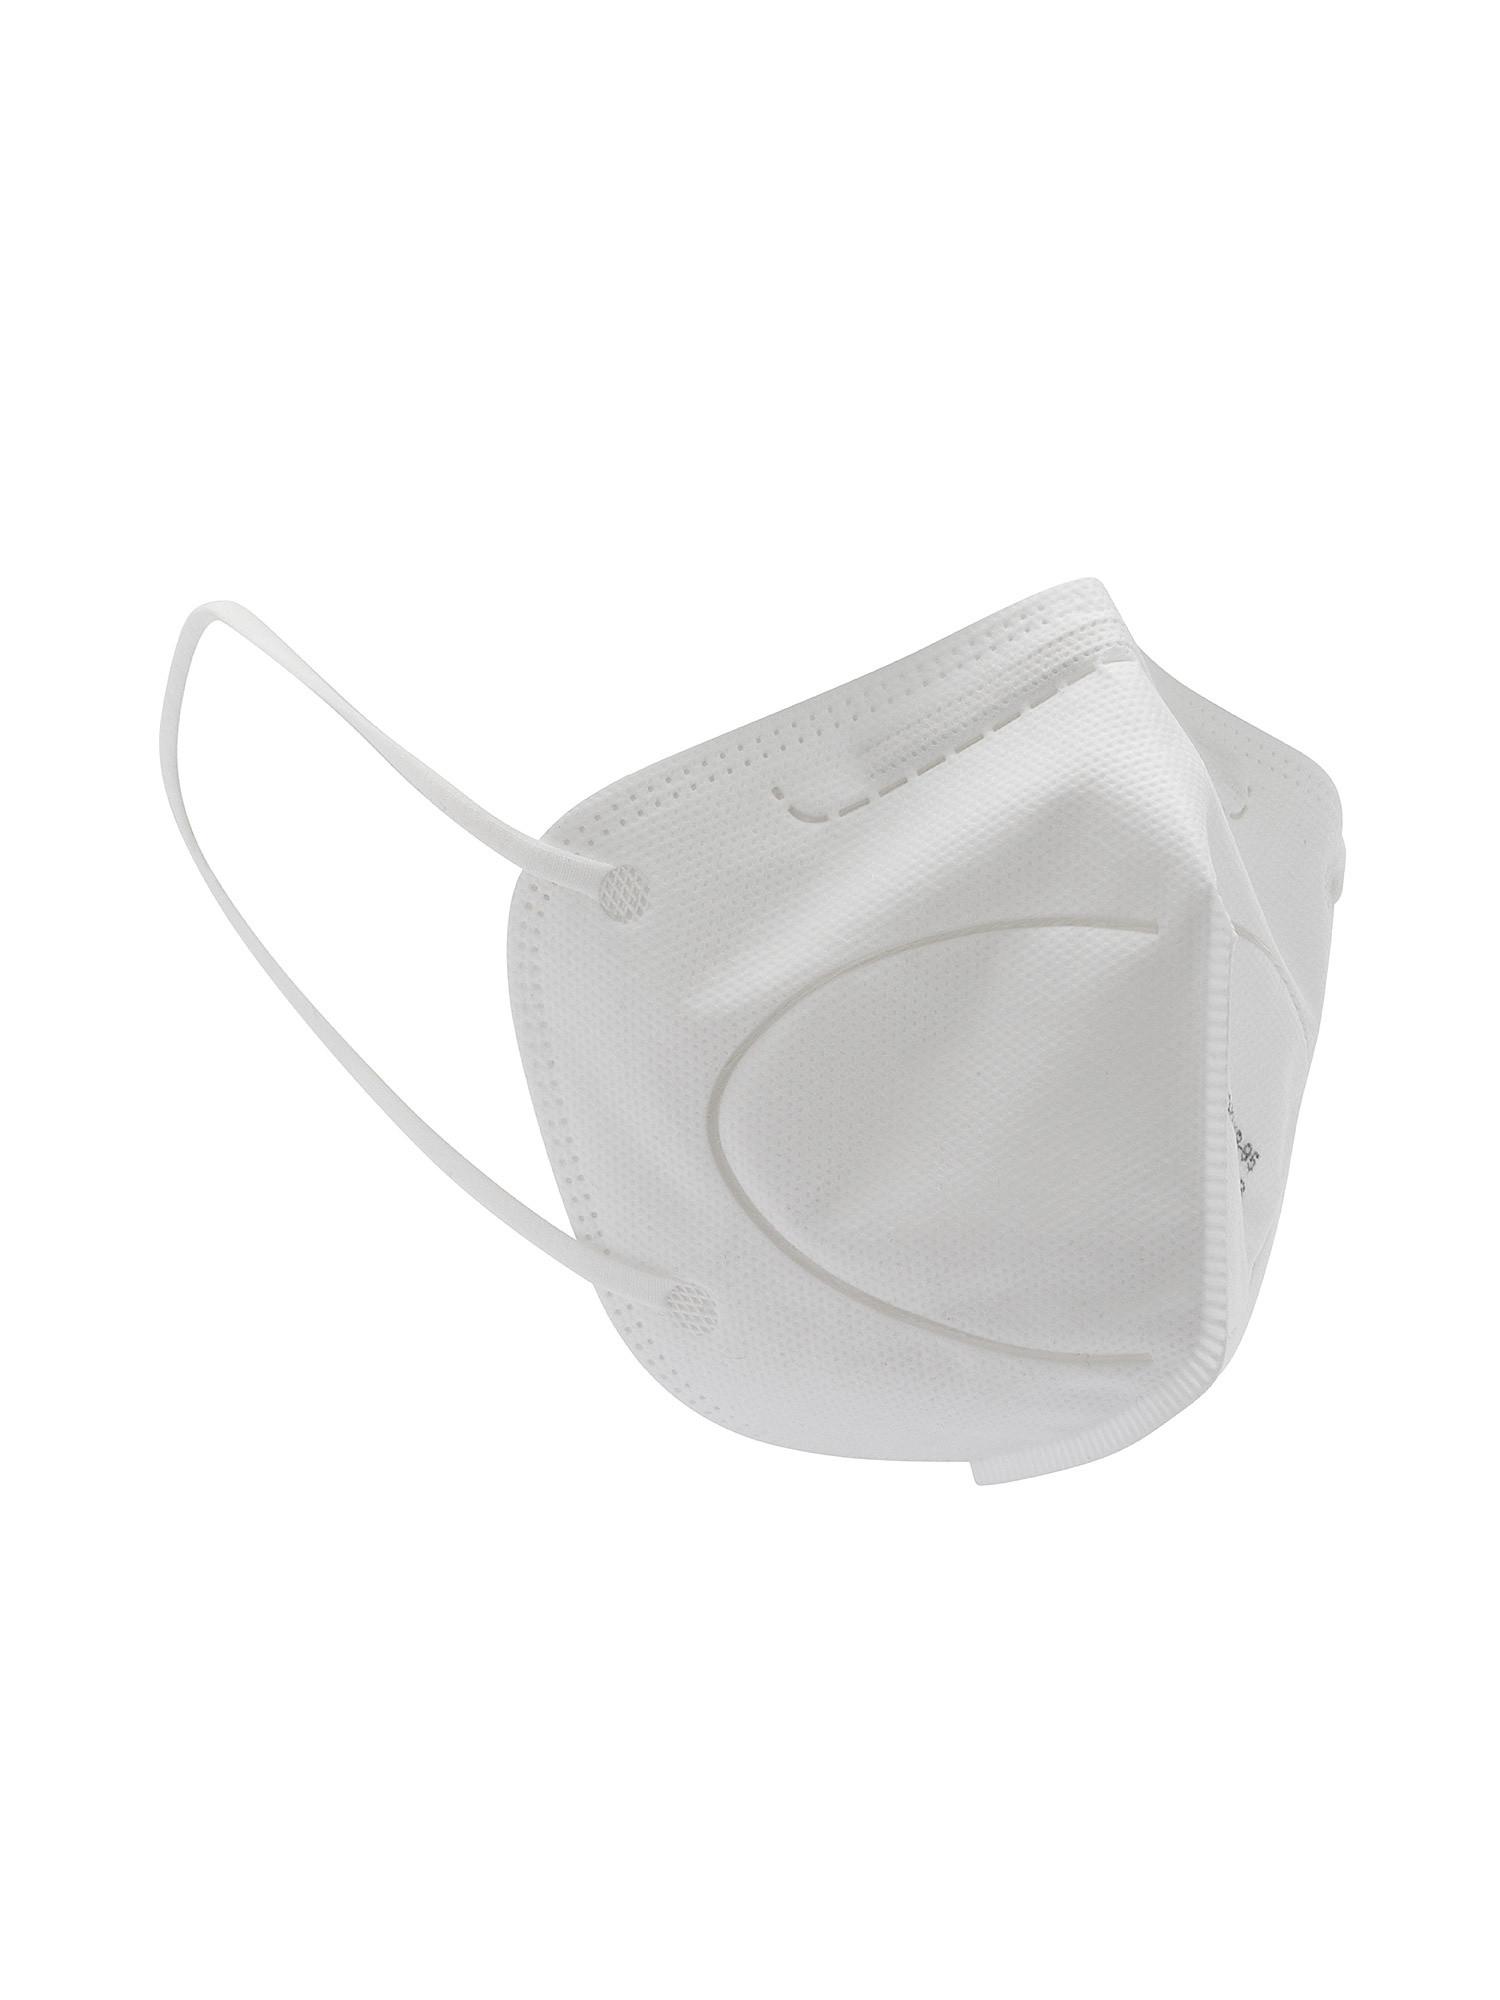 Mascherina FFP2 filtrante, Bianco, large image number 0